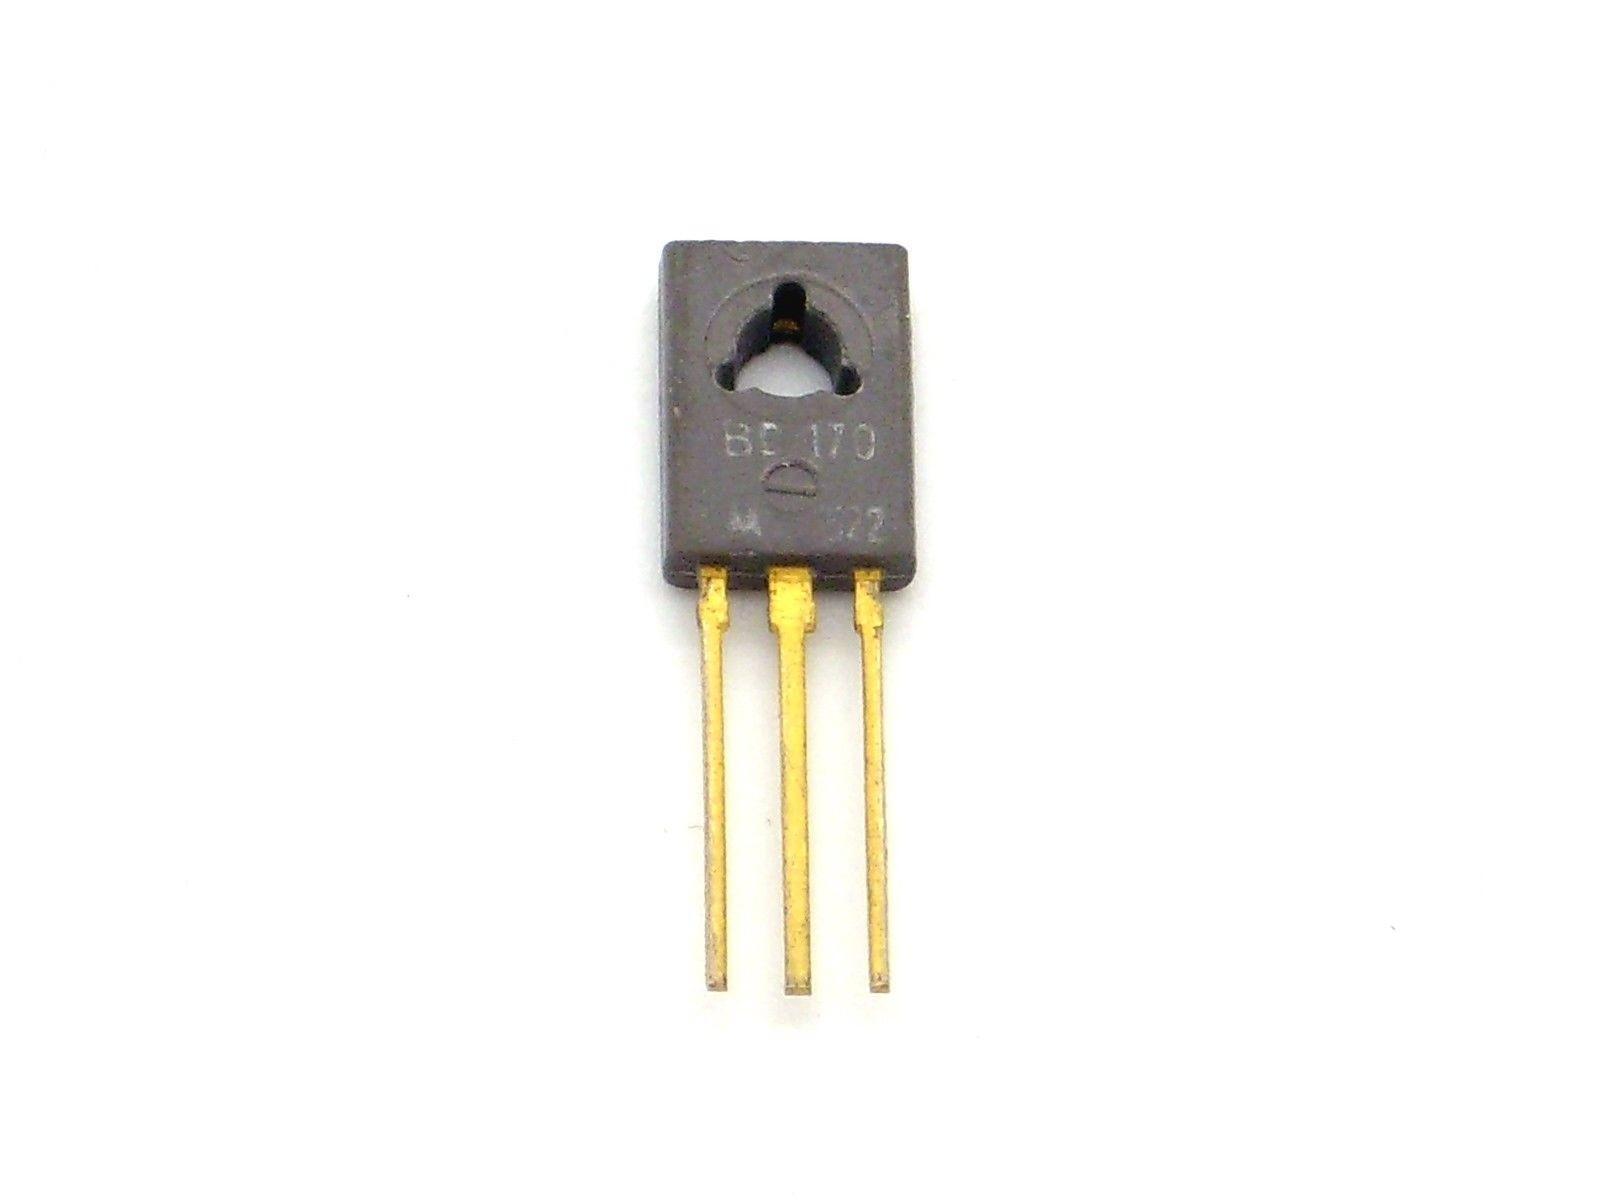 Menge von 5 BD-140-16 Transistor zu 126 BD140-16